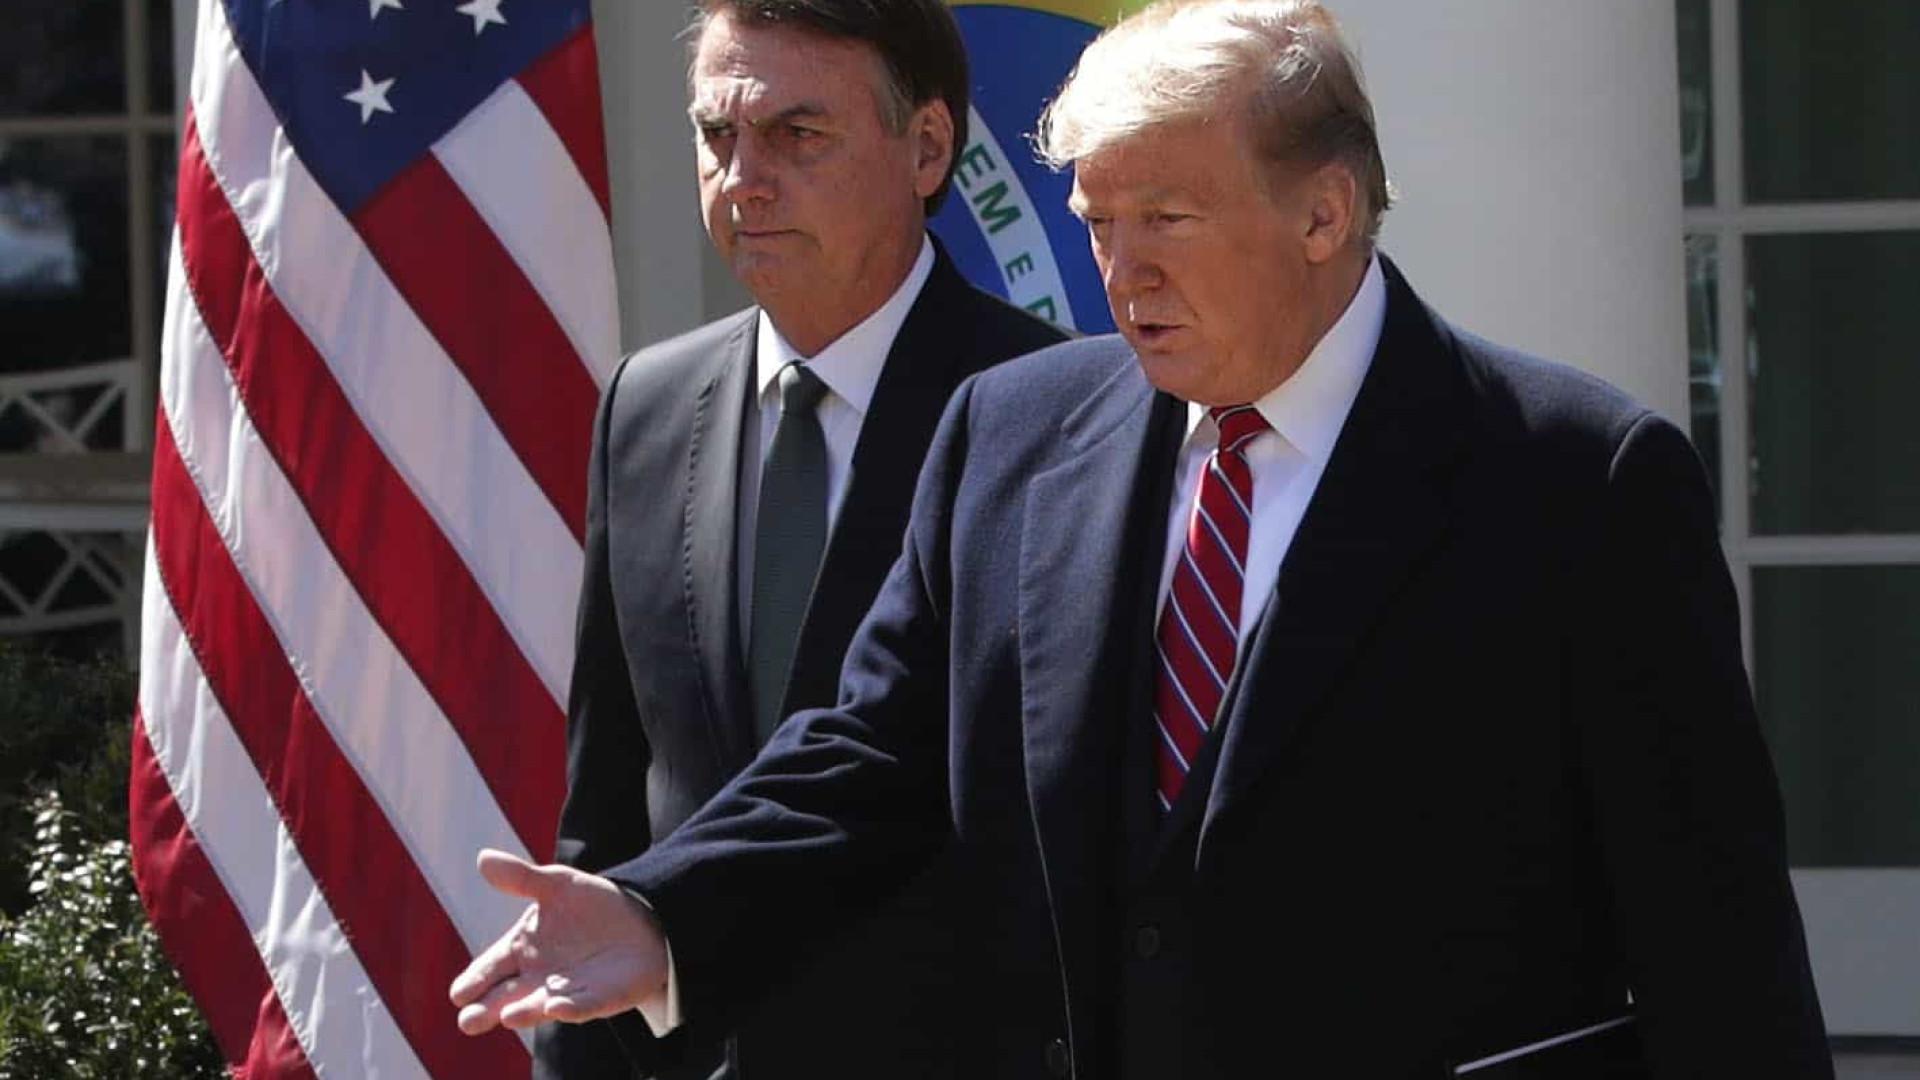 EUA estão coagindo Brasil a sacrificar seus interesses, afirma embaixador chinês